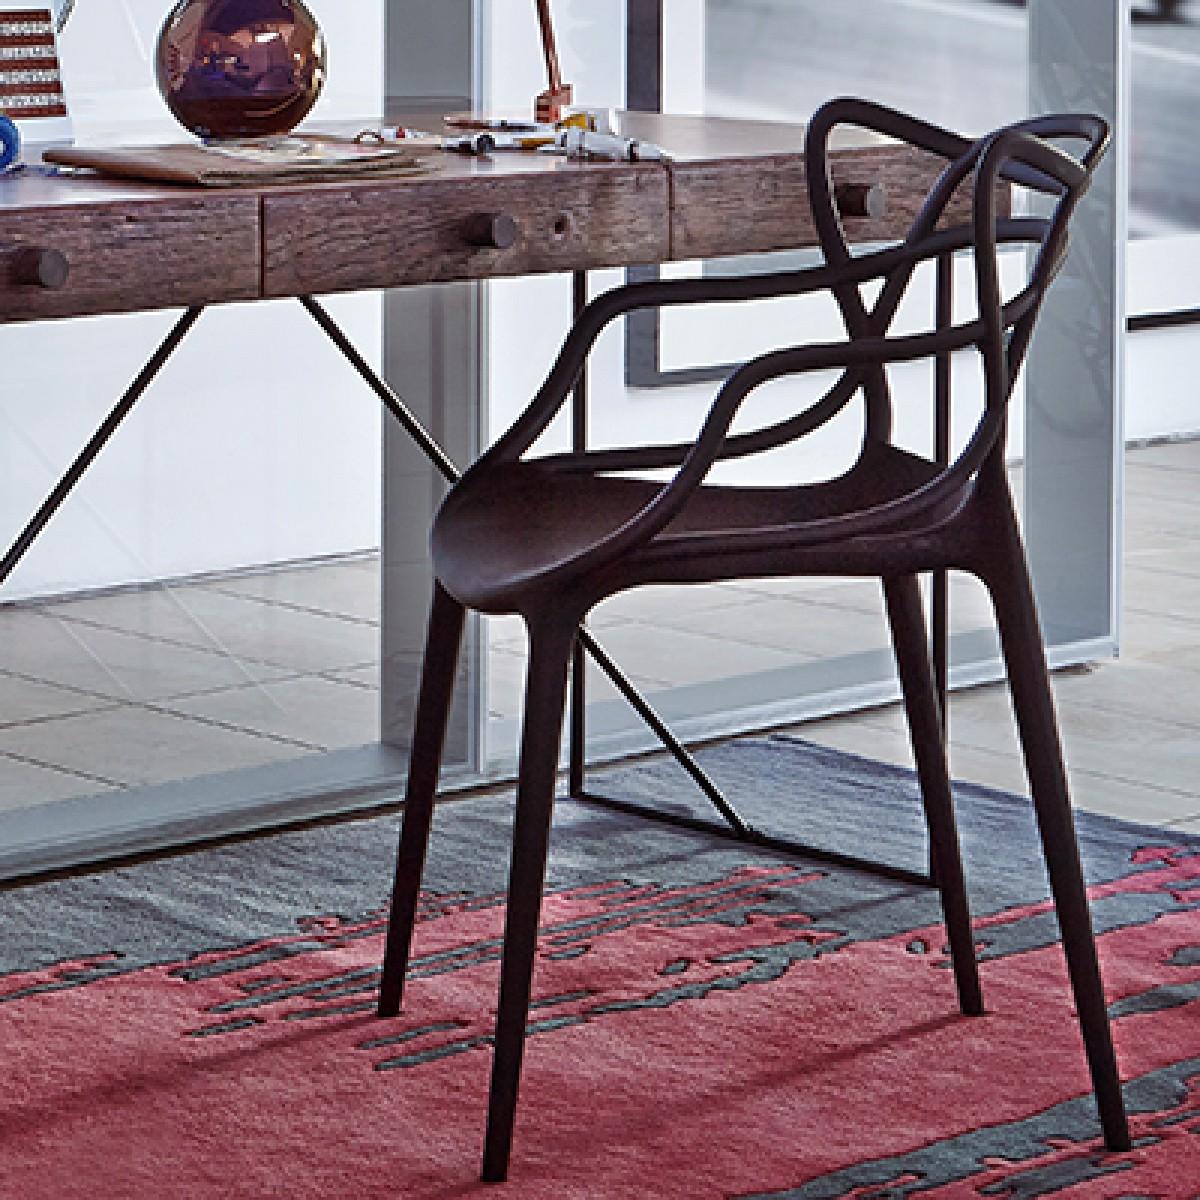 Masters chair horeca stoelen p m furniture horeca - Chaises kartell masters ...